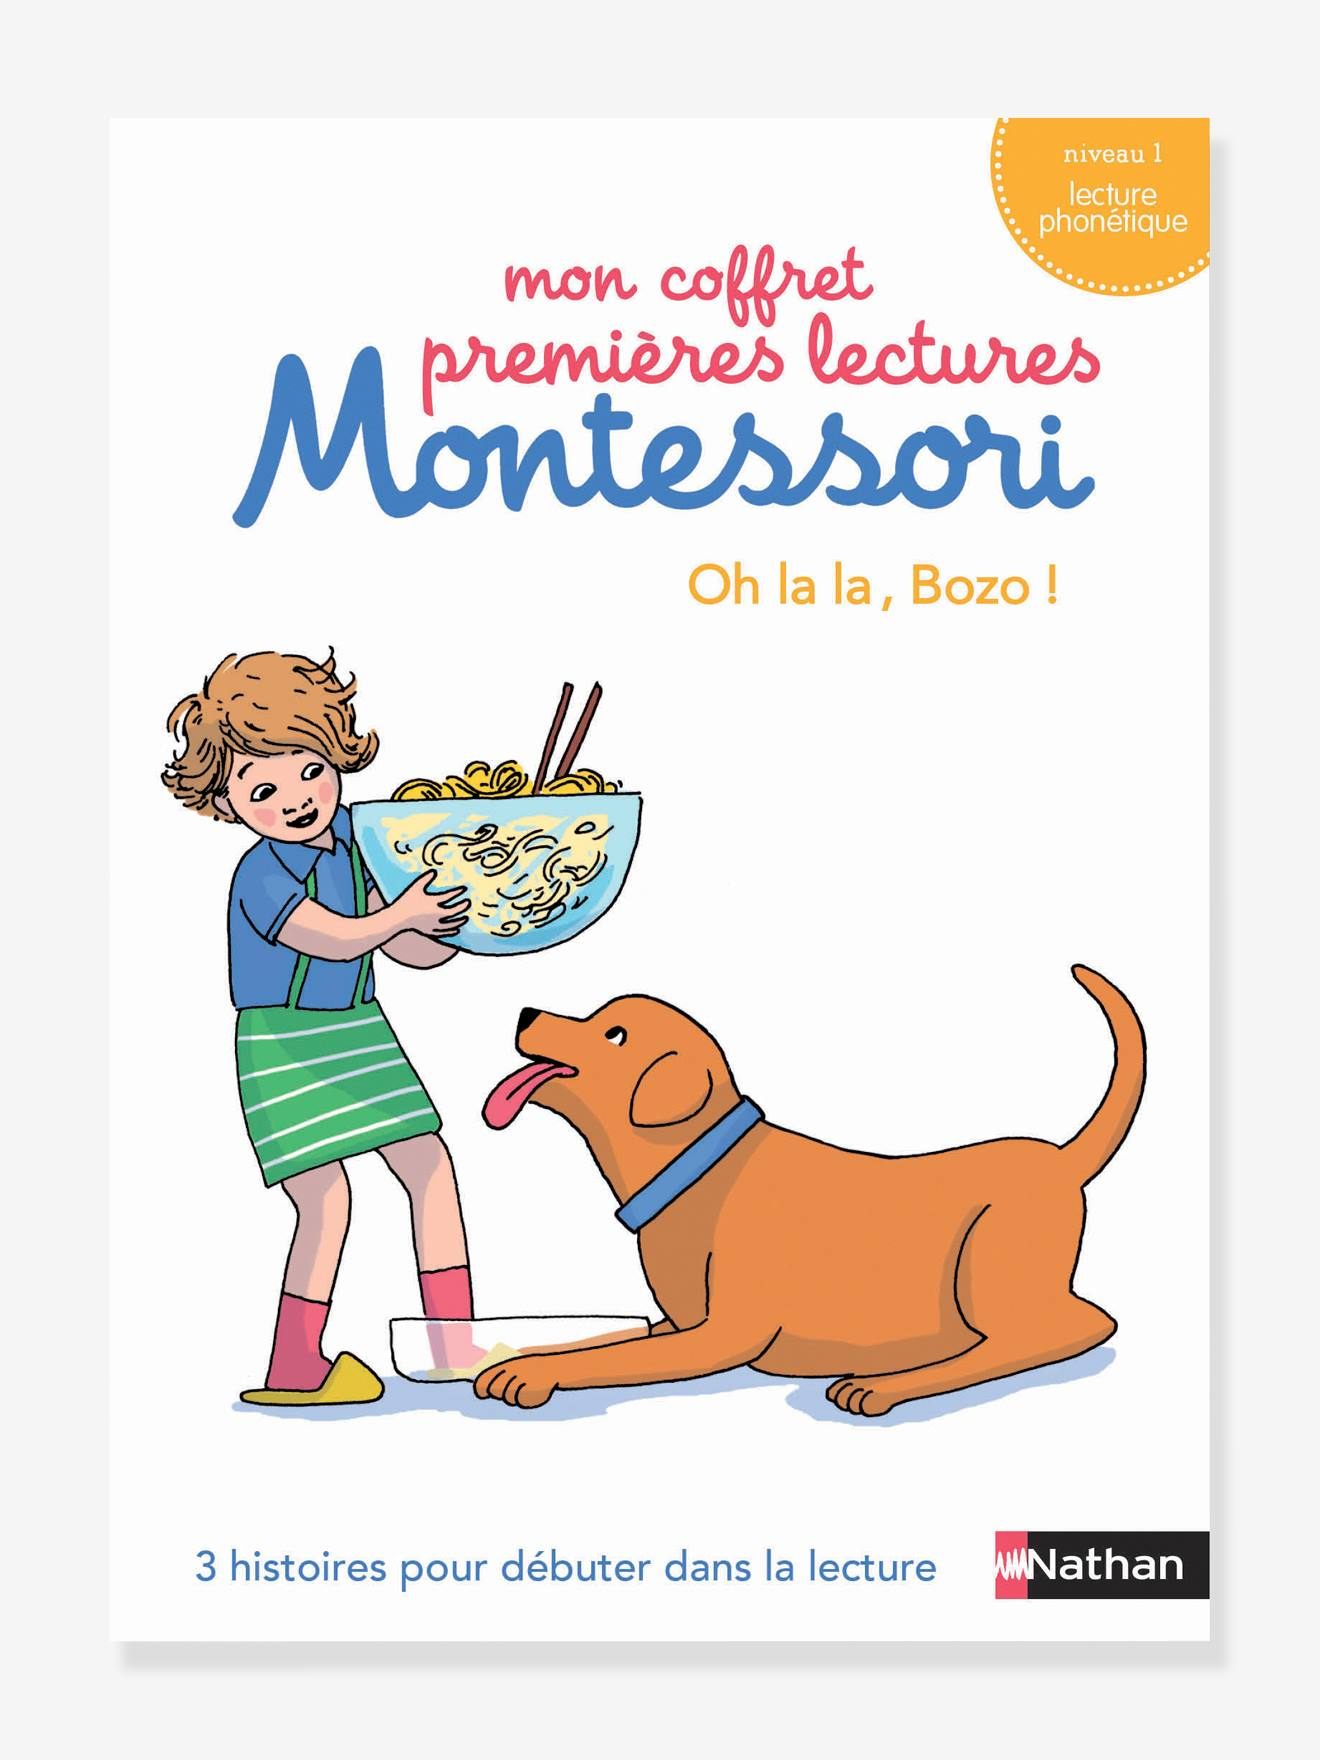 Coffret éducatif Premières lectures Montessori NATHAN - Oh la la Bozo, niveau 1